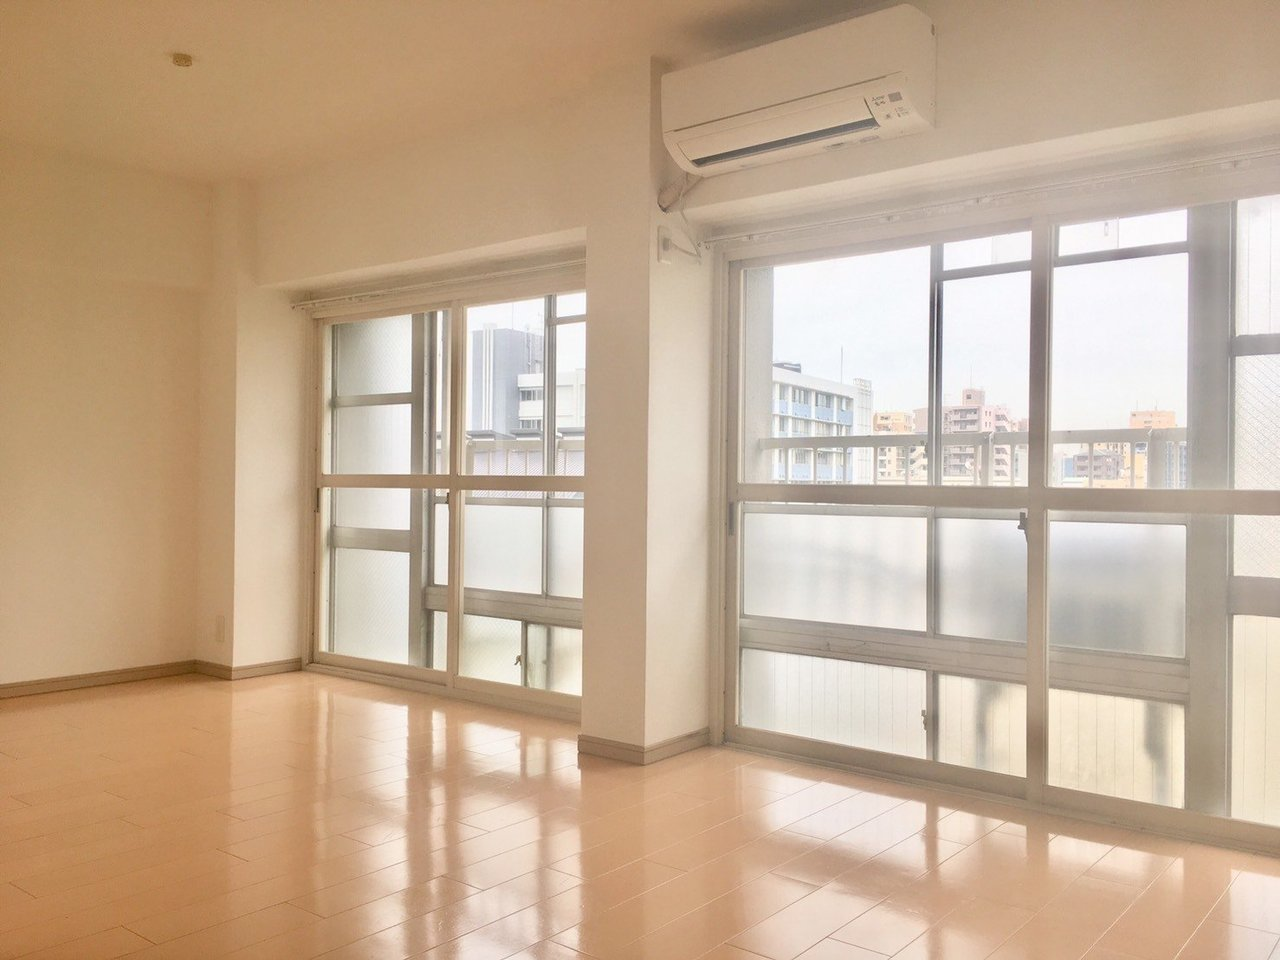 桃谷駅から徒歩5分。広いサンルームがついているこちらのお部屋。これだけ広いサンルーム付きのお部屋は初めて見ました。西向きですが、そうとは思えないほど日当たりはばっちりです。